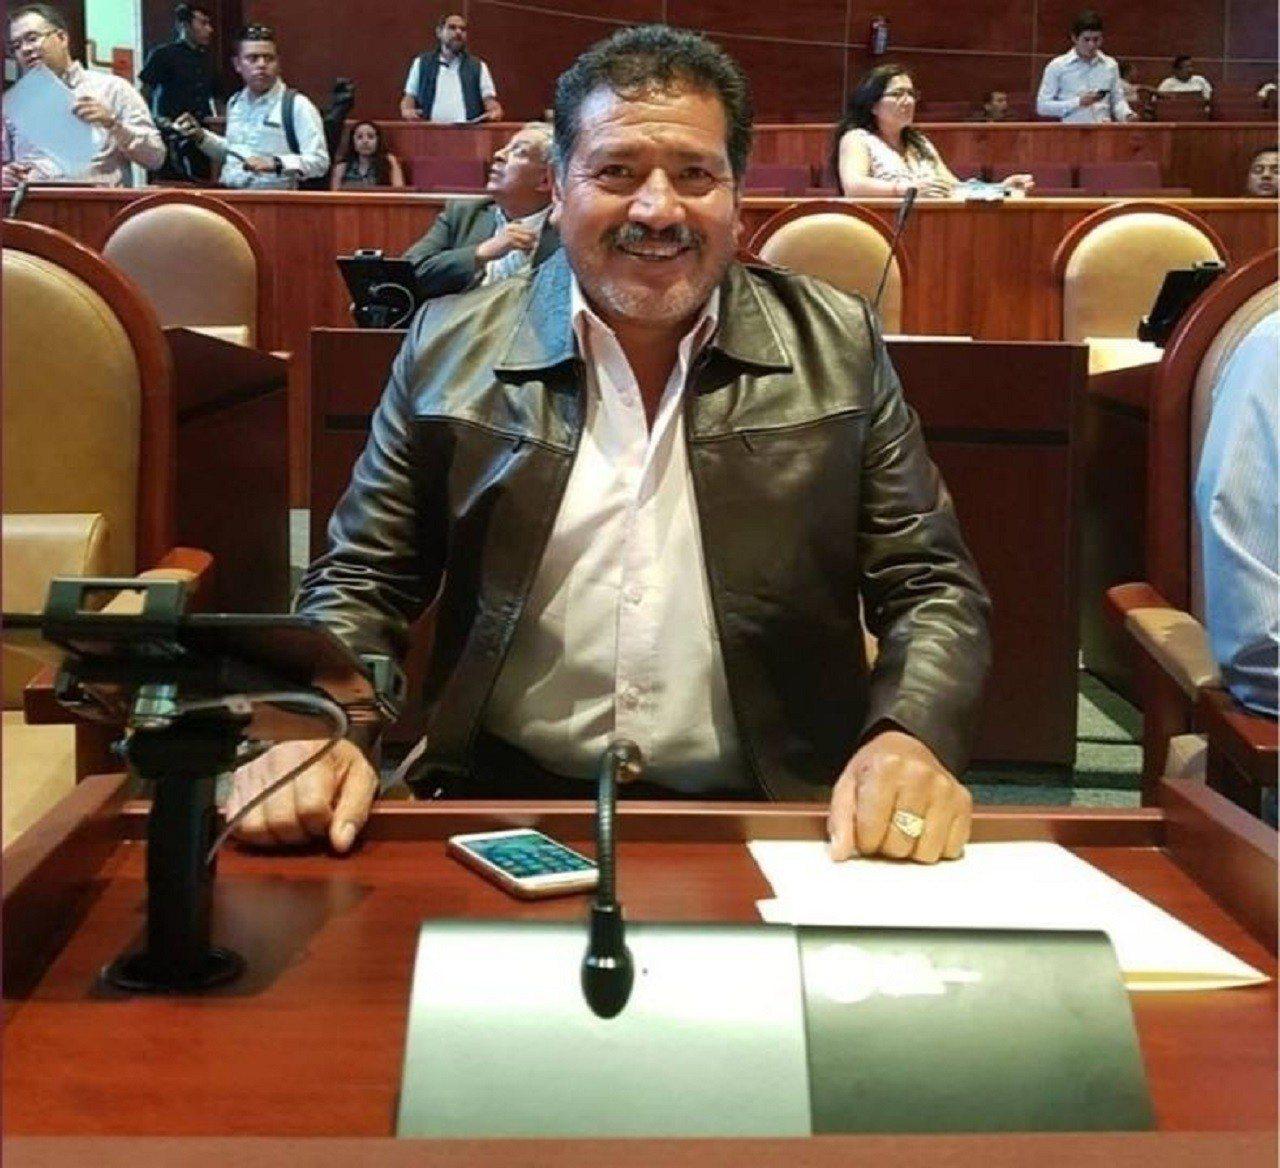 墨西哥瓦哈卡州特拉希亞科已故新市長阿帕里希歐2018年9月19日在個人連書上傳的...